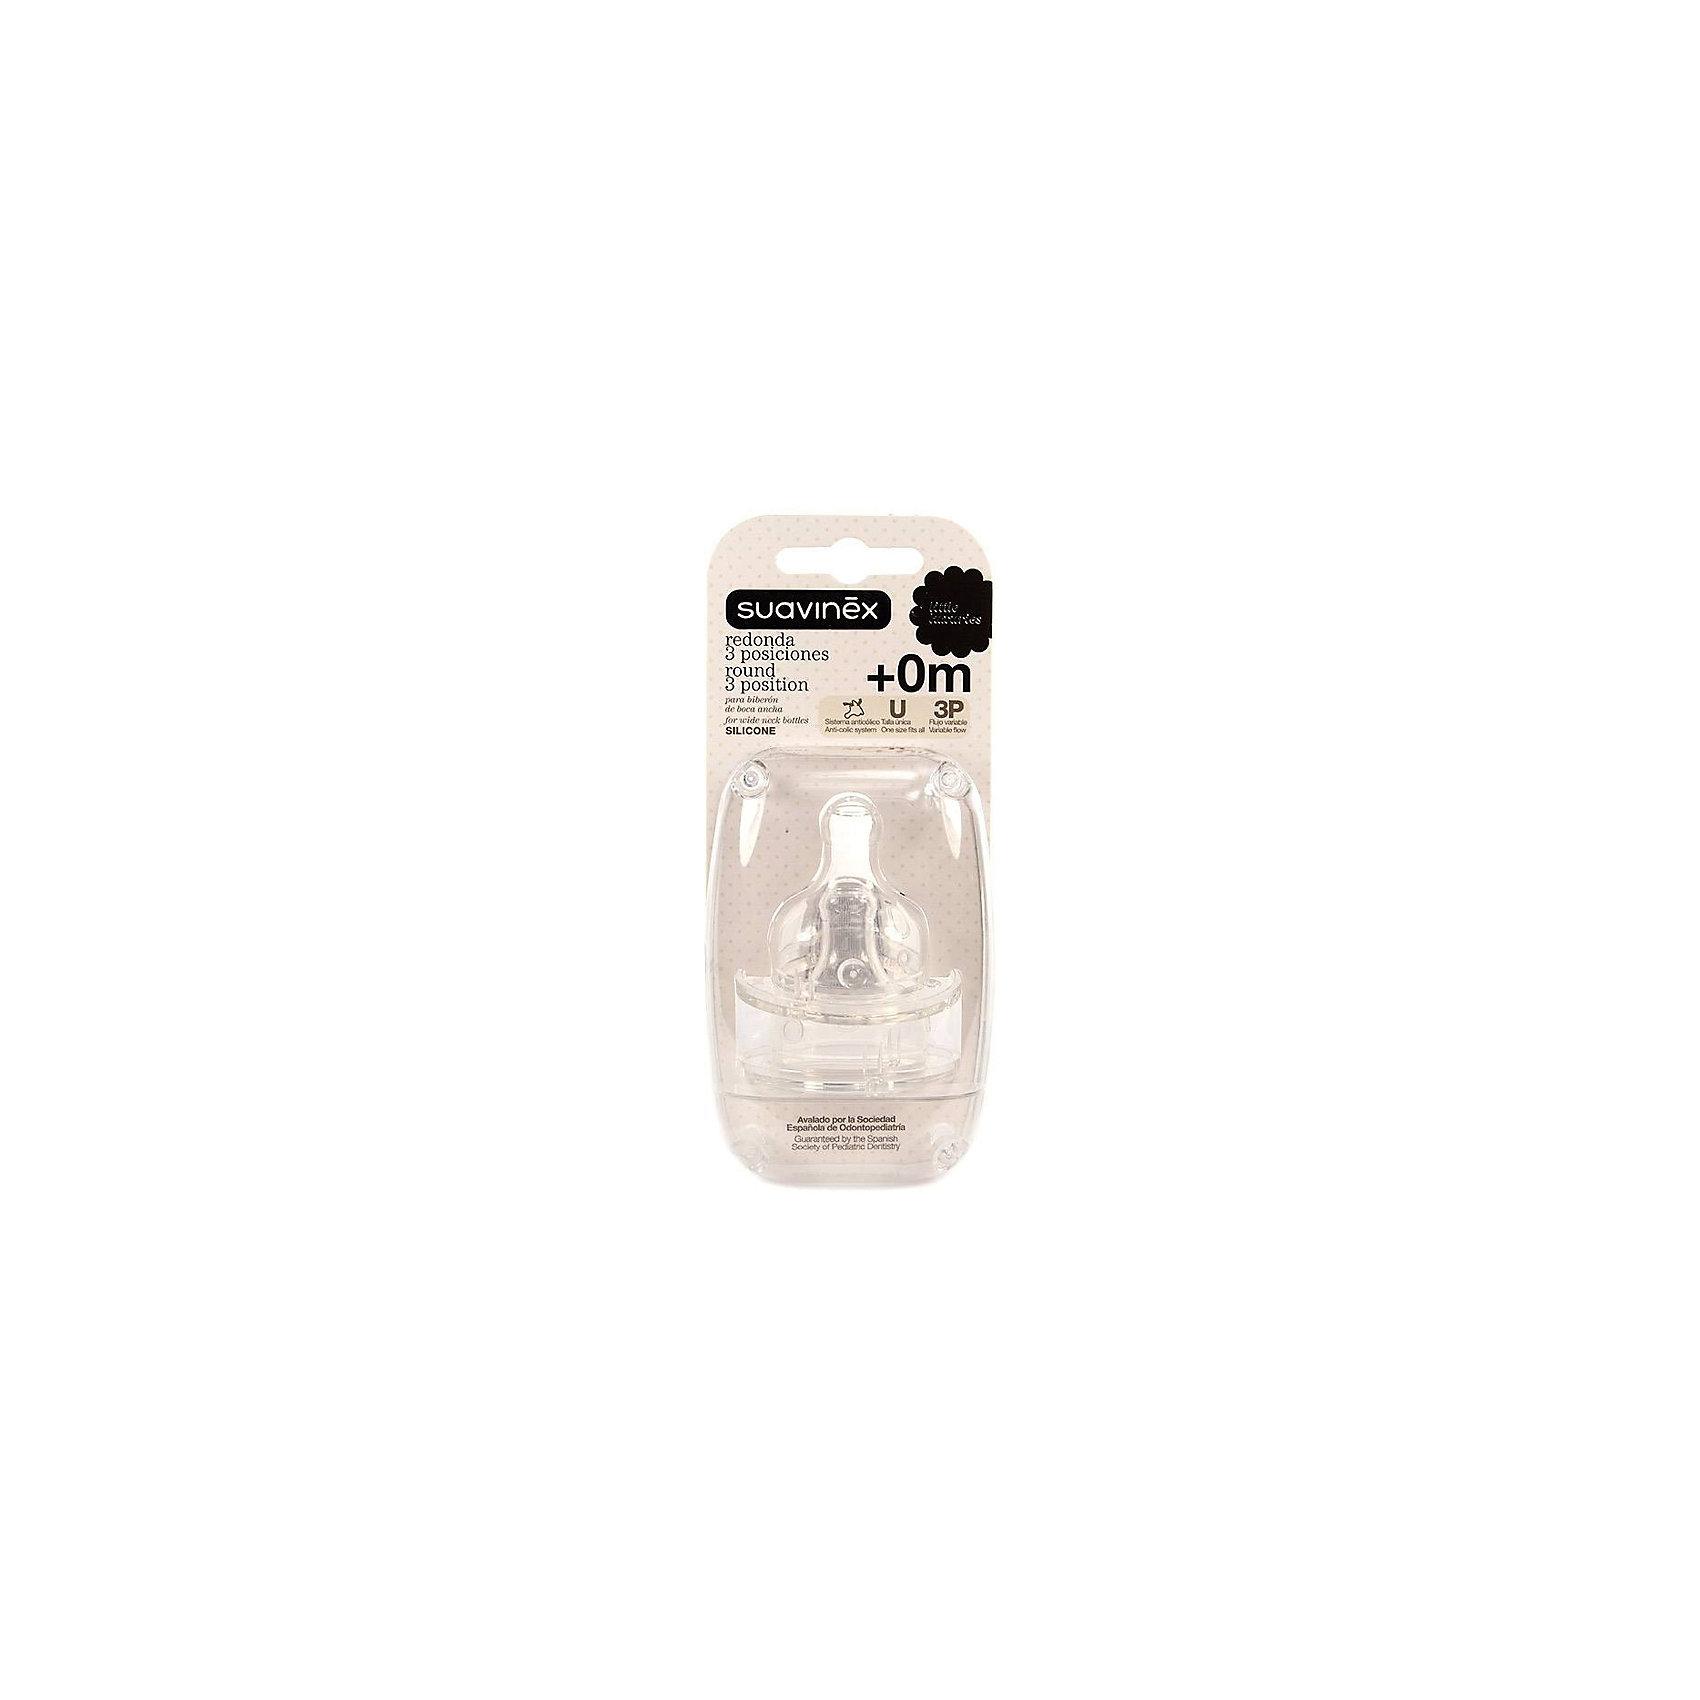 Соска силиконовая 3позиции от 0мес, 2шт., SuavinexХарактеристики:<br><br>• Наименование: соска для кормления<br>• Рекомендуемый возраст: от 0 месяцев<br>• Материал: силикон<br>• Поток: 3 уровня<br>• Комплектация: 2 соски<br>• Подходит для всех бутылочек производителя Suavinex<br>• Вес: 45 г<br>• Параметры (Д*Ш*В): 6,5*6*14 см <br>• Особенности ухода: можно мыть в теплой воде, регулярная стерилизация <br><br>Соска силиконовая 3 позиции от 0 мес, 2 шт., Suavinex изготовлена испанским торговым брендом, специализирующимся на выпуске товаров для кормления и аксессуаров новорожденным и младенцам. Продукция от Suavinex разработана с учетом рекомендаций педиатров и стоматологов, что гарантирует качество и безопасность использованных материалов. <br><br>Силикон, из которого изготовлена соска, длительное время сохраняет свои свойства, не имеет запаха и вкуса. Форма у соски способствует равномерному распределению давления на небо, что обеспечивает правильное формирование речевого аппарата и профилактику логопедических проблем в будущем. У соски предусмотрено 3 позиции: смена позиций осуществляется за счет поворота бутылочки. Изделие предназначено для молочных смесей и воды. <br><br>Соску силиконовую 3 позиции от 0 мес, 2 шт., Suavinex можно купить в нашем интернет-магазине.<br><br>Ширина мм: 65<br>Глубина мм: 60<br>Высота мм: 140<br>Вес г: 45<br>Возраст от месяцев: 0<br>Возраст до месяцев: 24<br>Пол: Унисекс<br>Возраст: Детский<br>SKU: 5451343